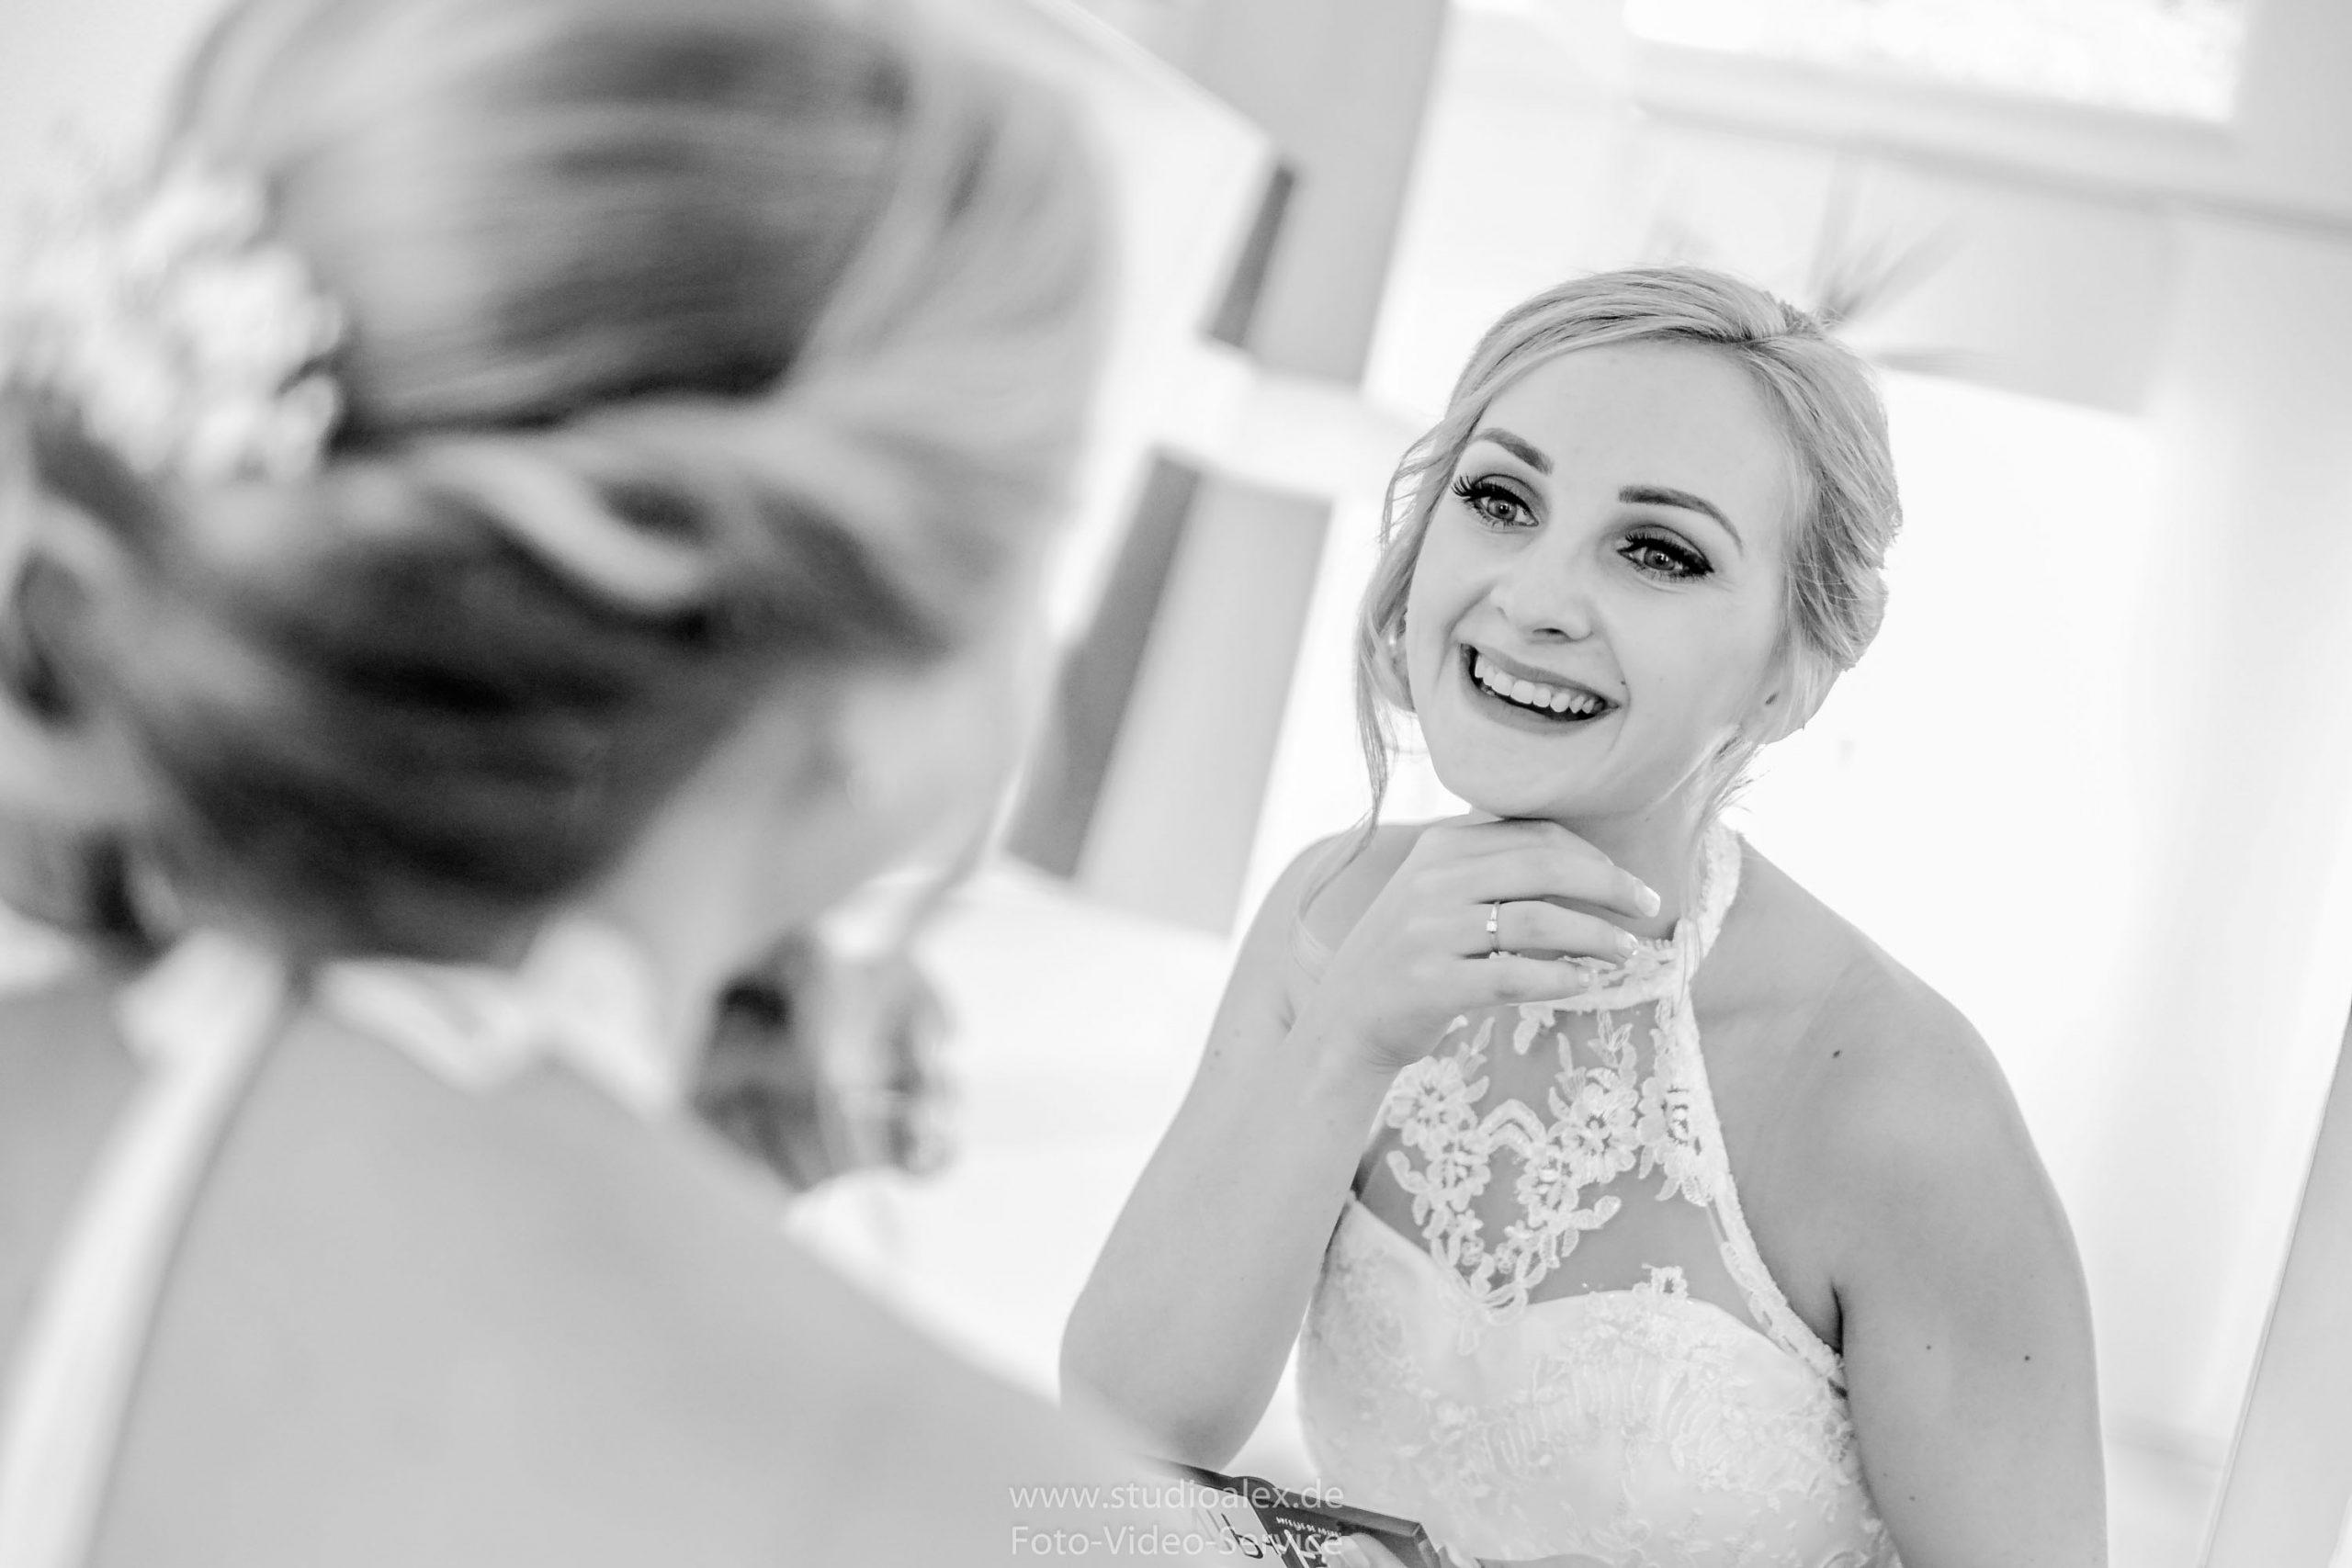 Hochzeitsfotograf-Amberg-Fotograf-für-standesamtliche-Trauung-im-Kümmersbruck.-Hochzeitsfotos-Bayern-06565-scaled.jpg